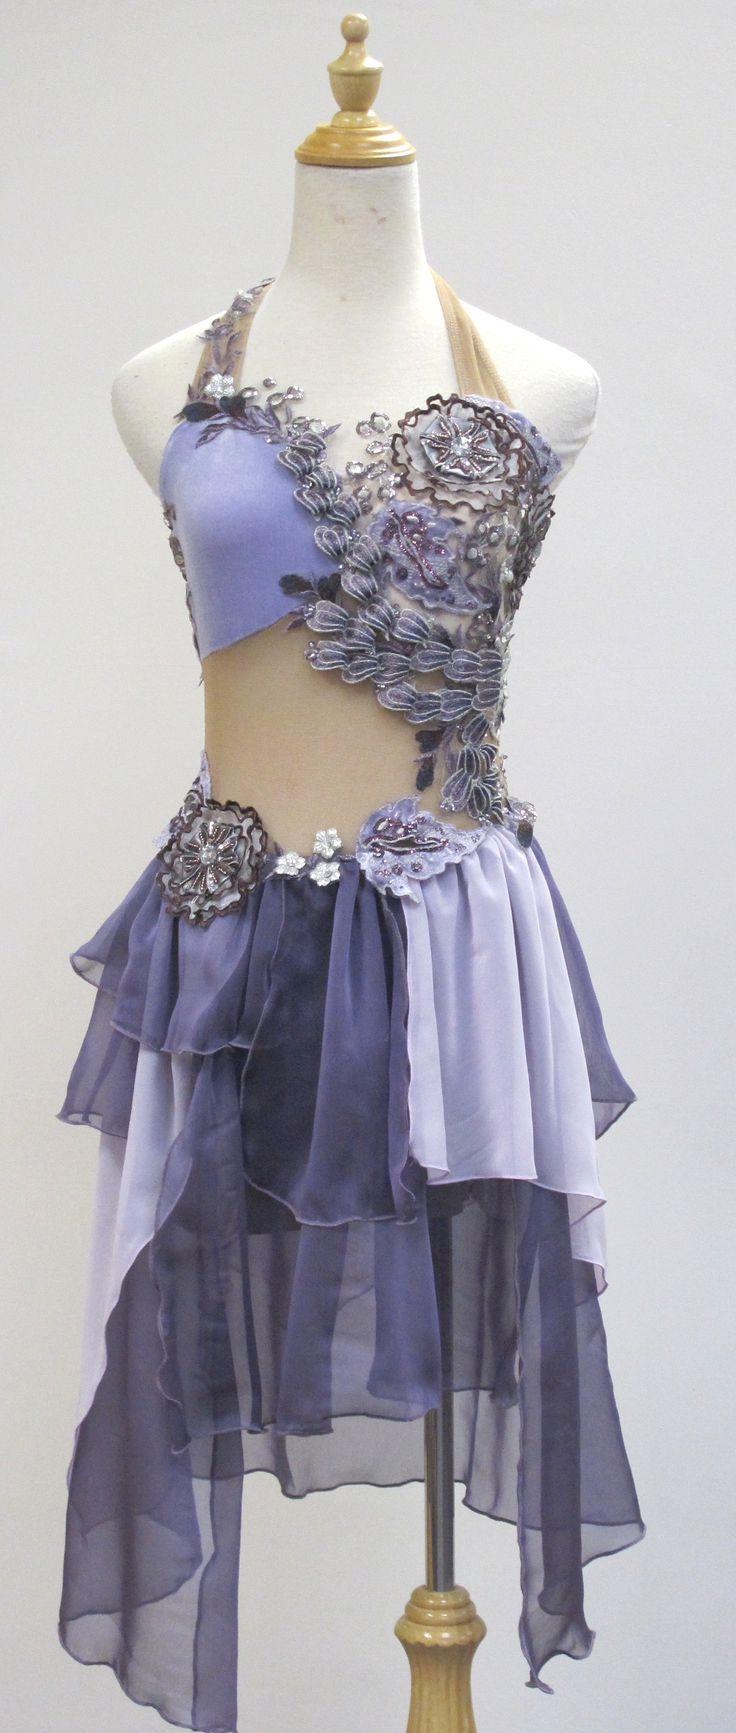 Godatu - A Social Dance Network! www.godatu.com #godatu #dance